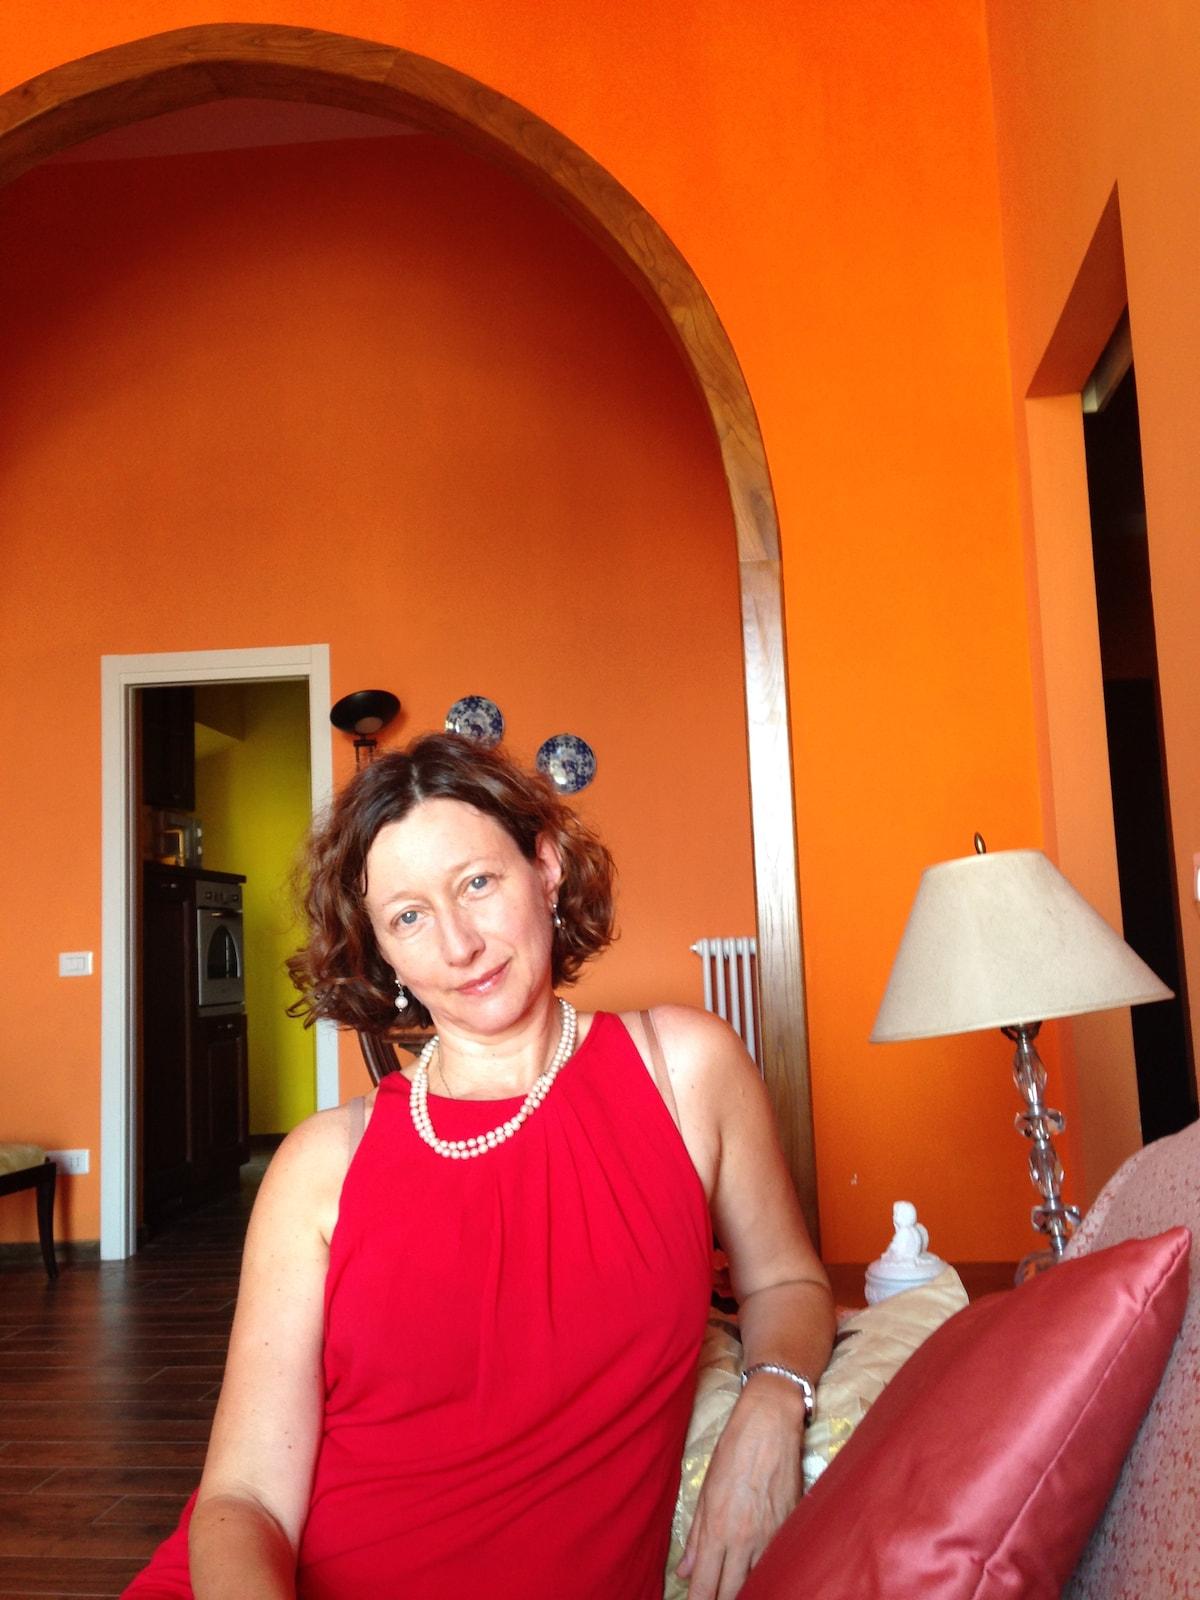 Isabella from Pitigliano